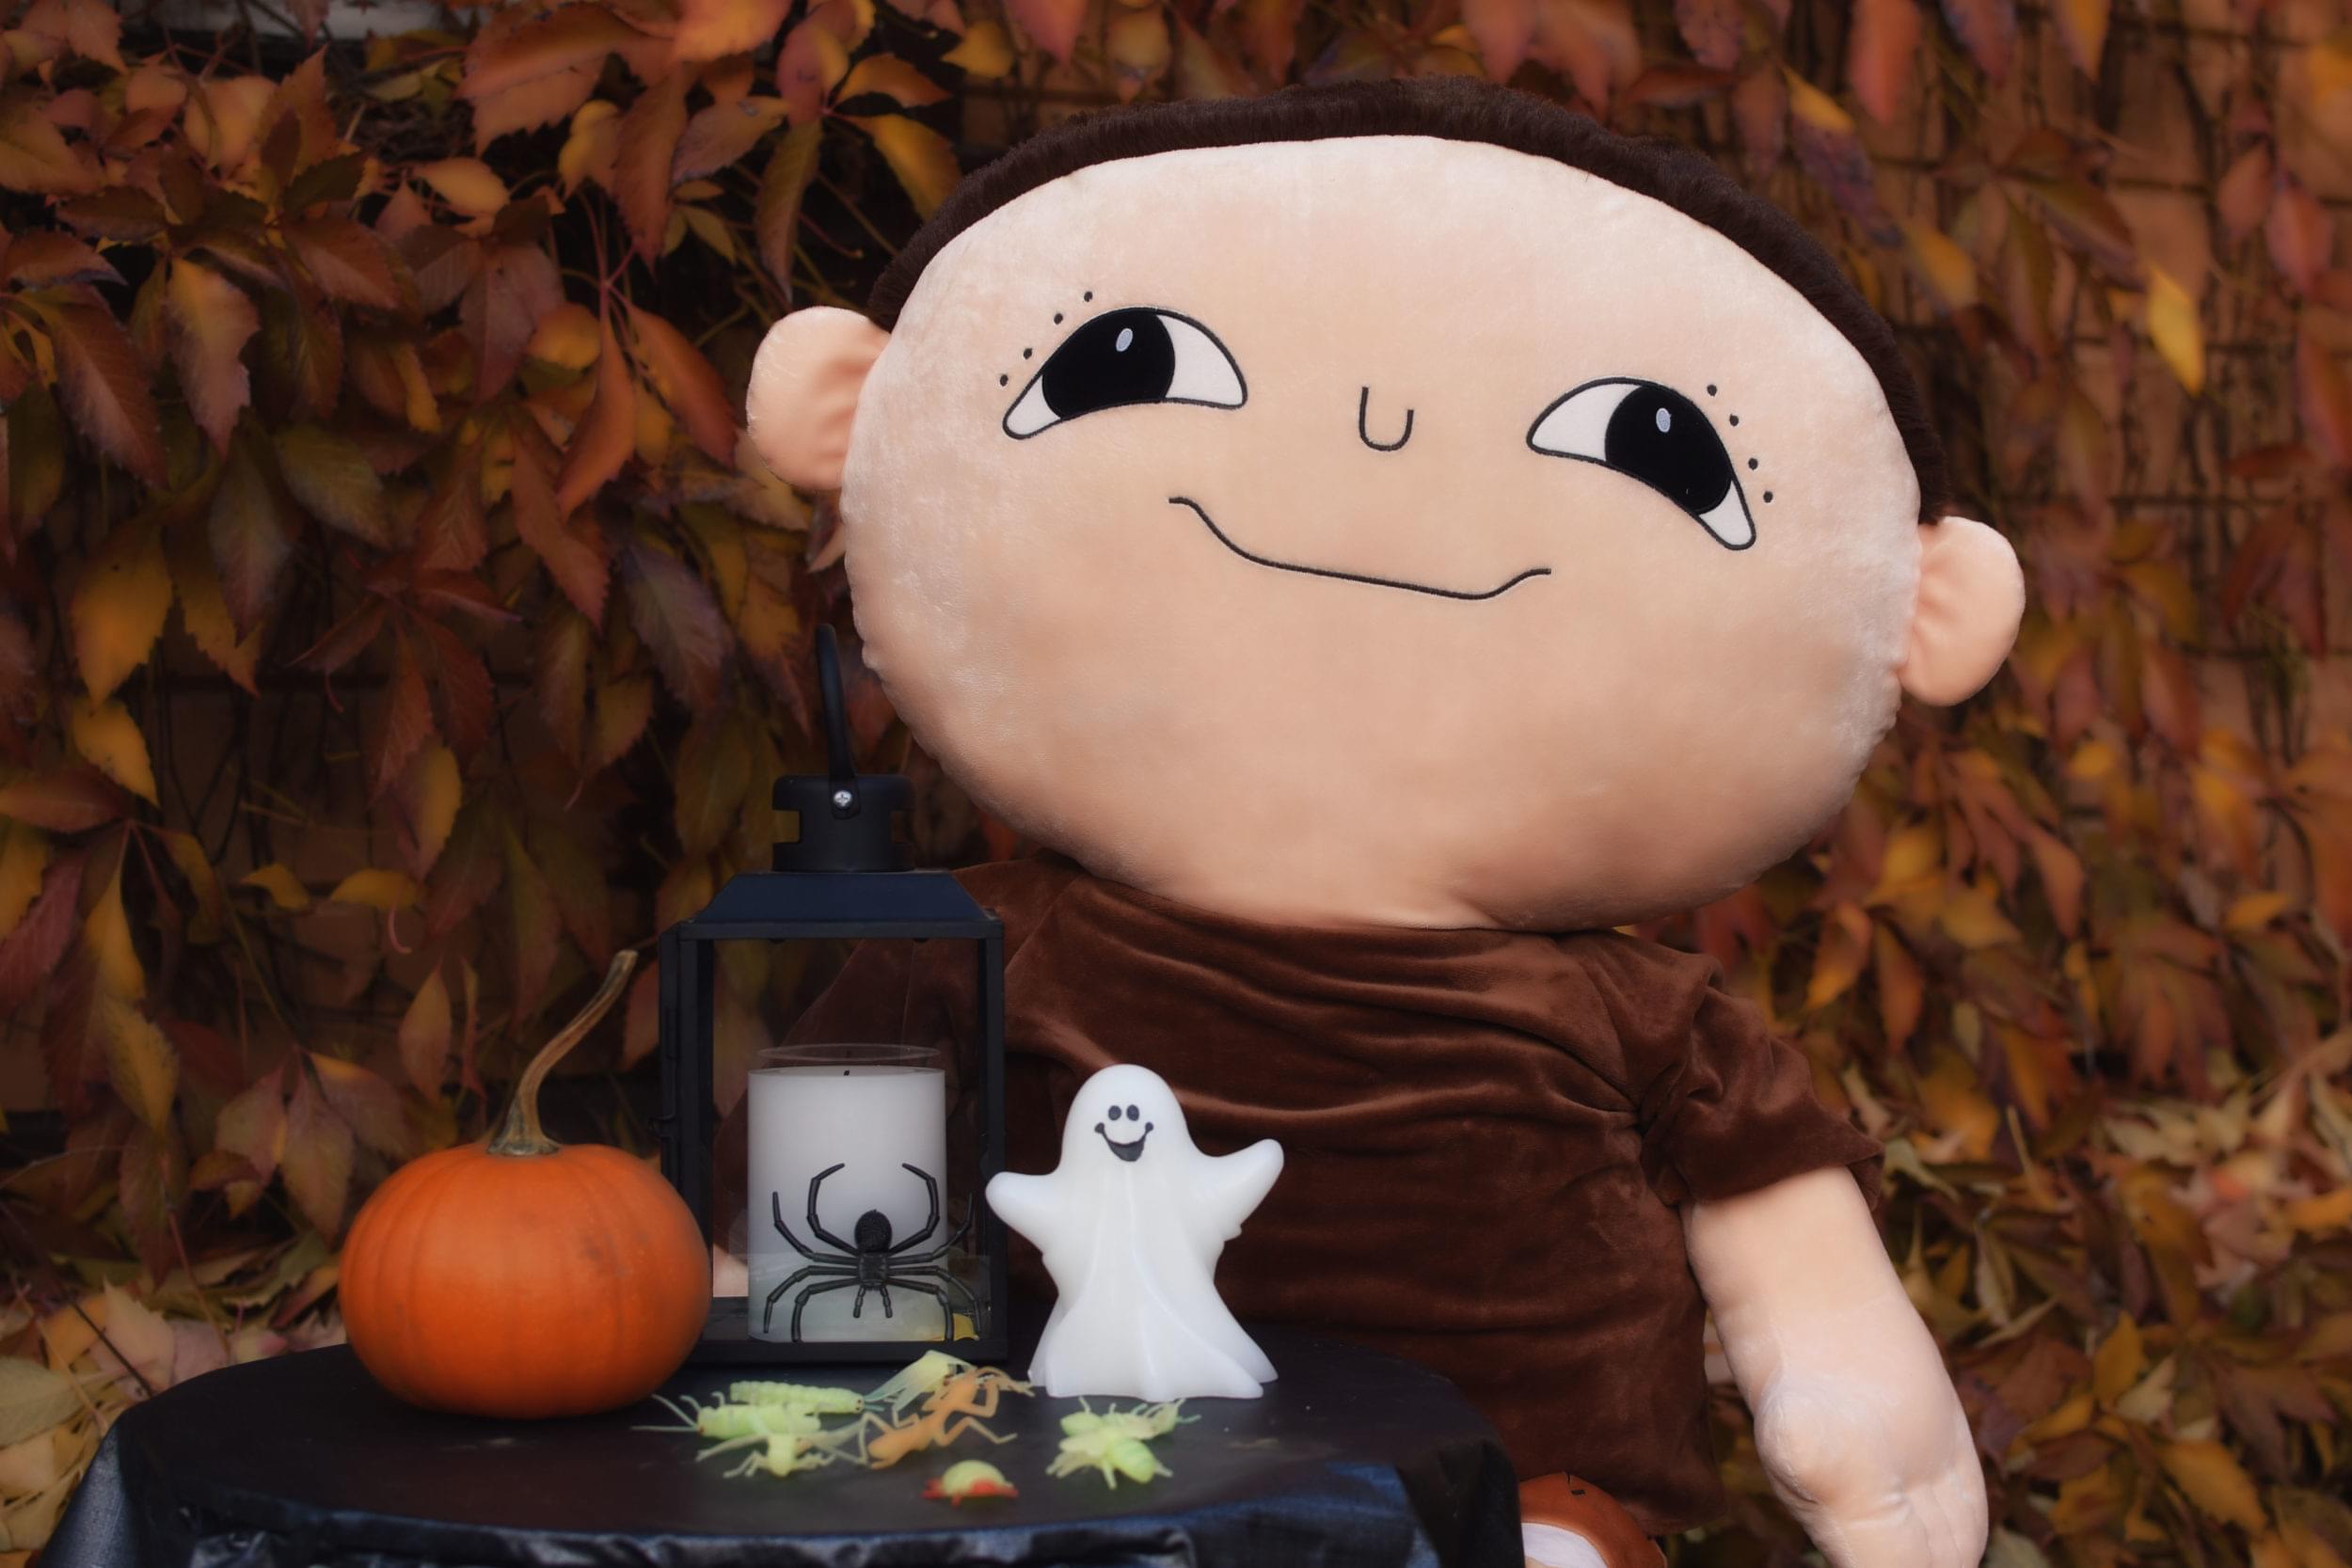 På ett svart bord finns en orange pumpa, ett ljus och ett litet spöke. Alfons Åberg sitter på en stol intill bordet. Bakom Alfons ser man massor av höstlöv.